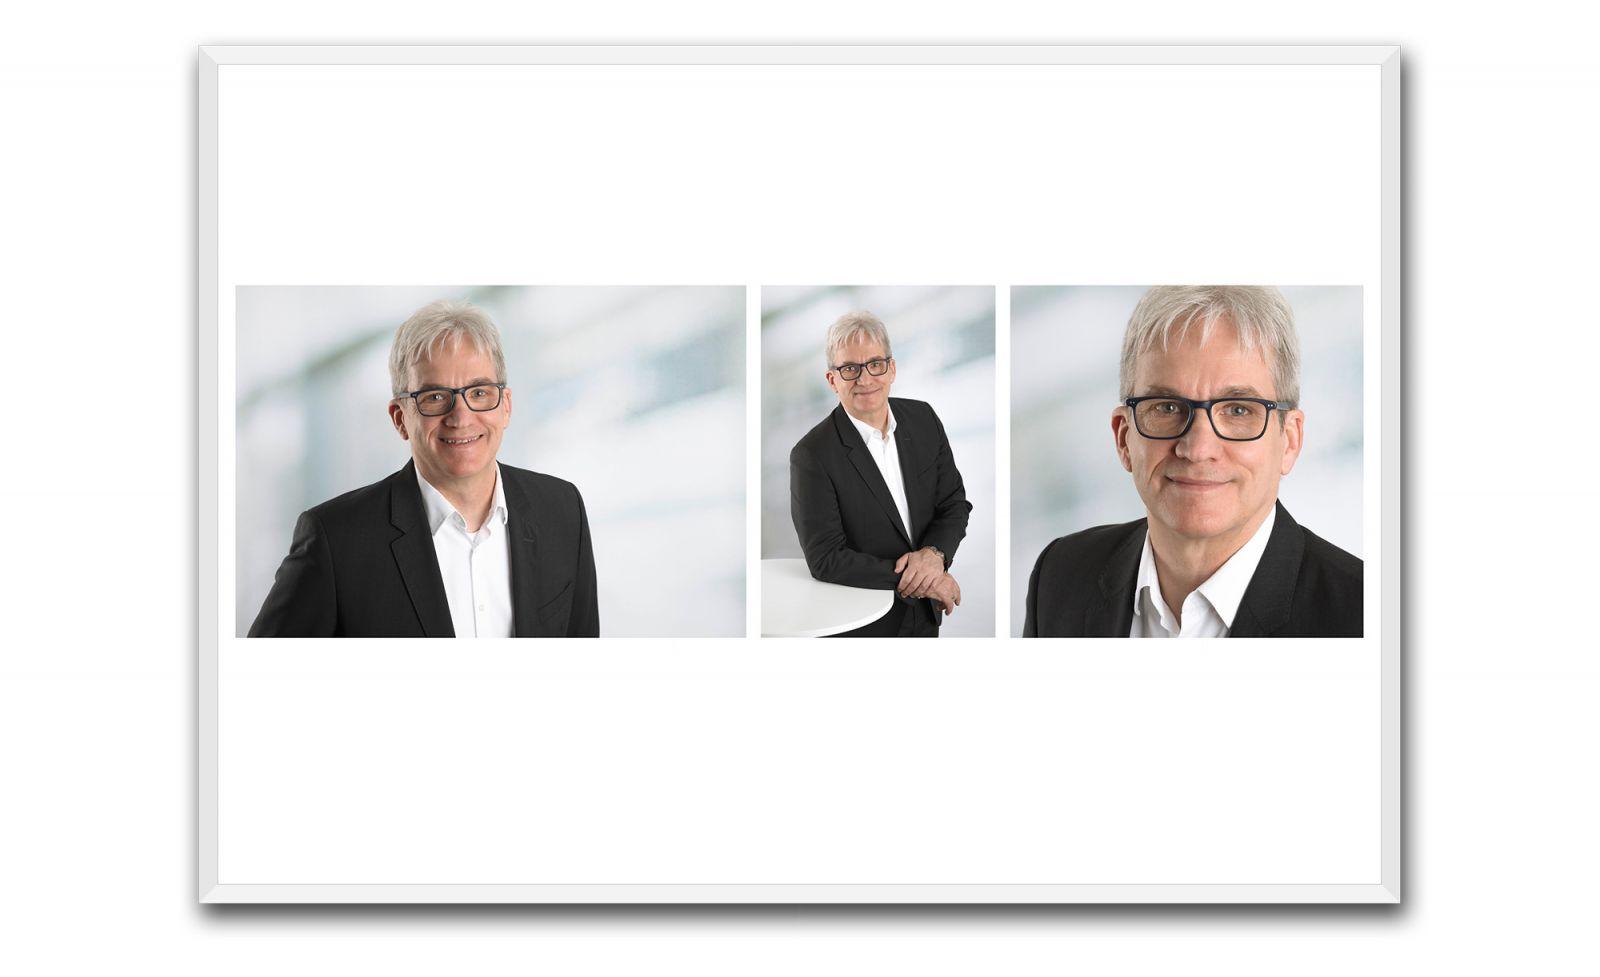 Professionelles, modernes Bewerbungsfoto für die Bewerbung im Fotostudio